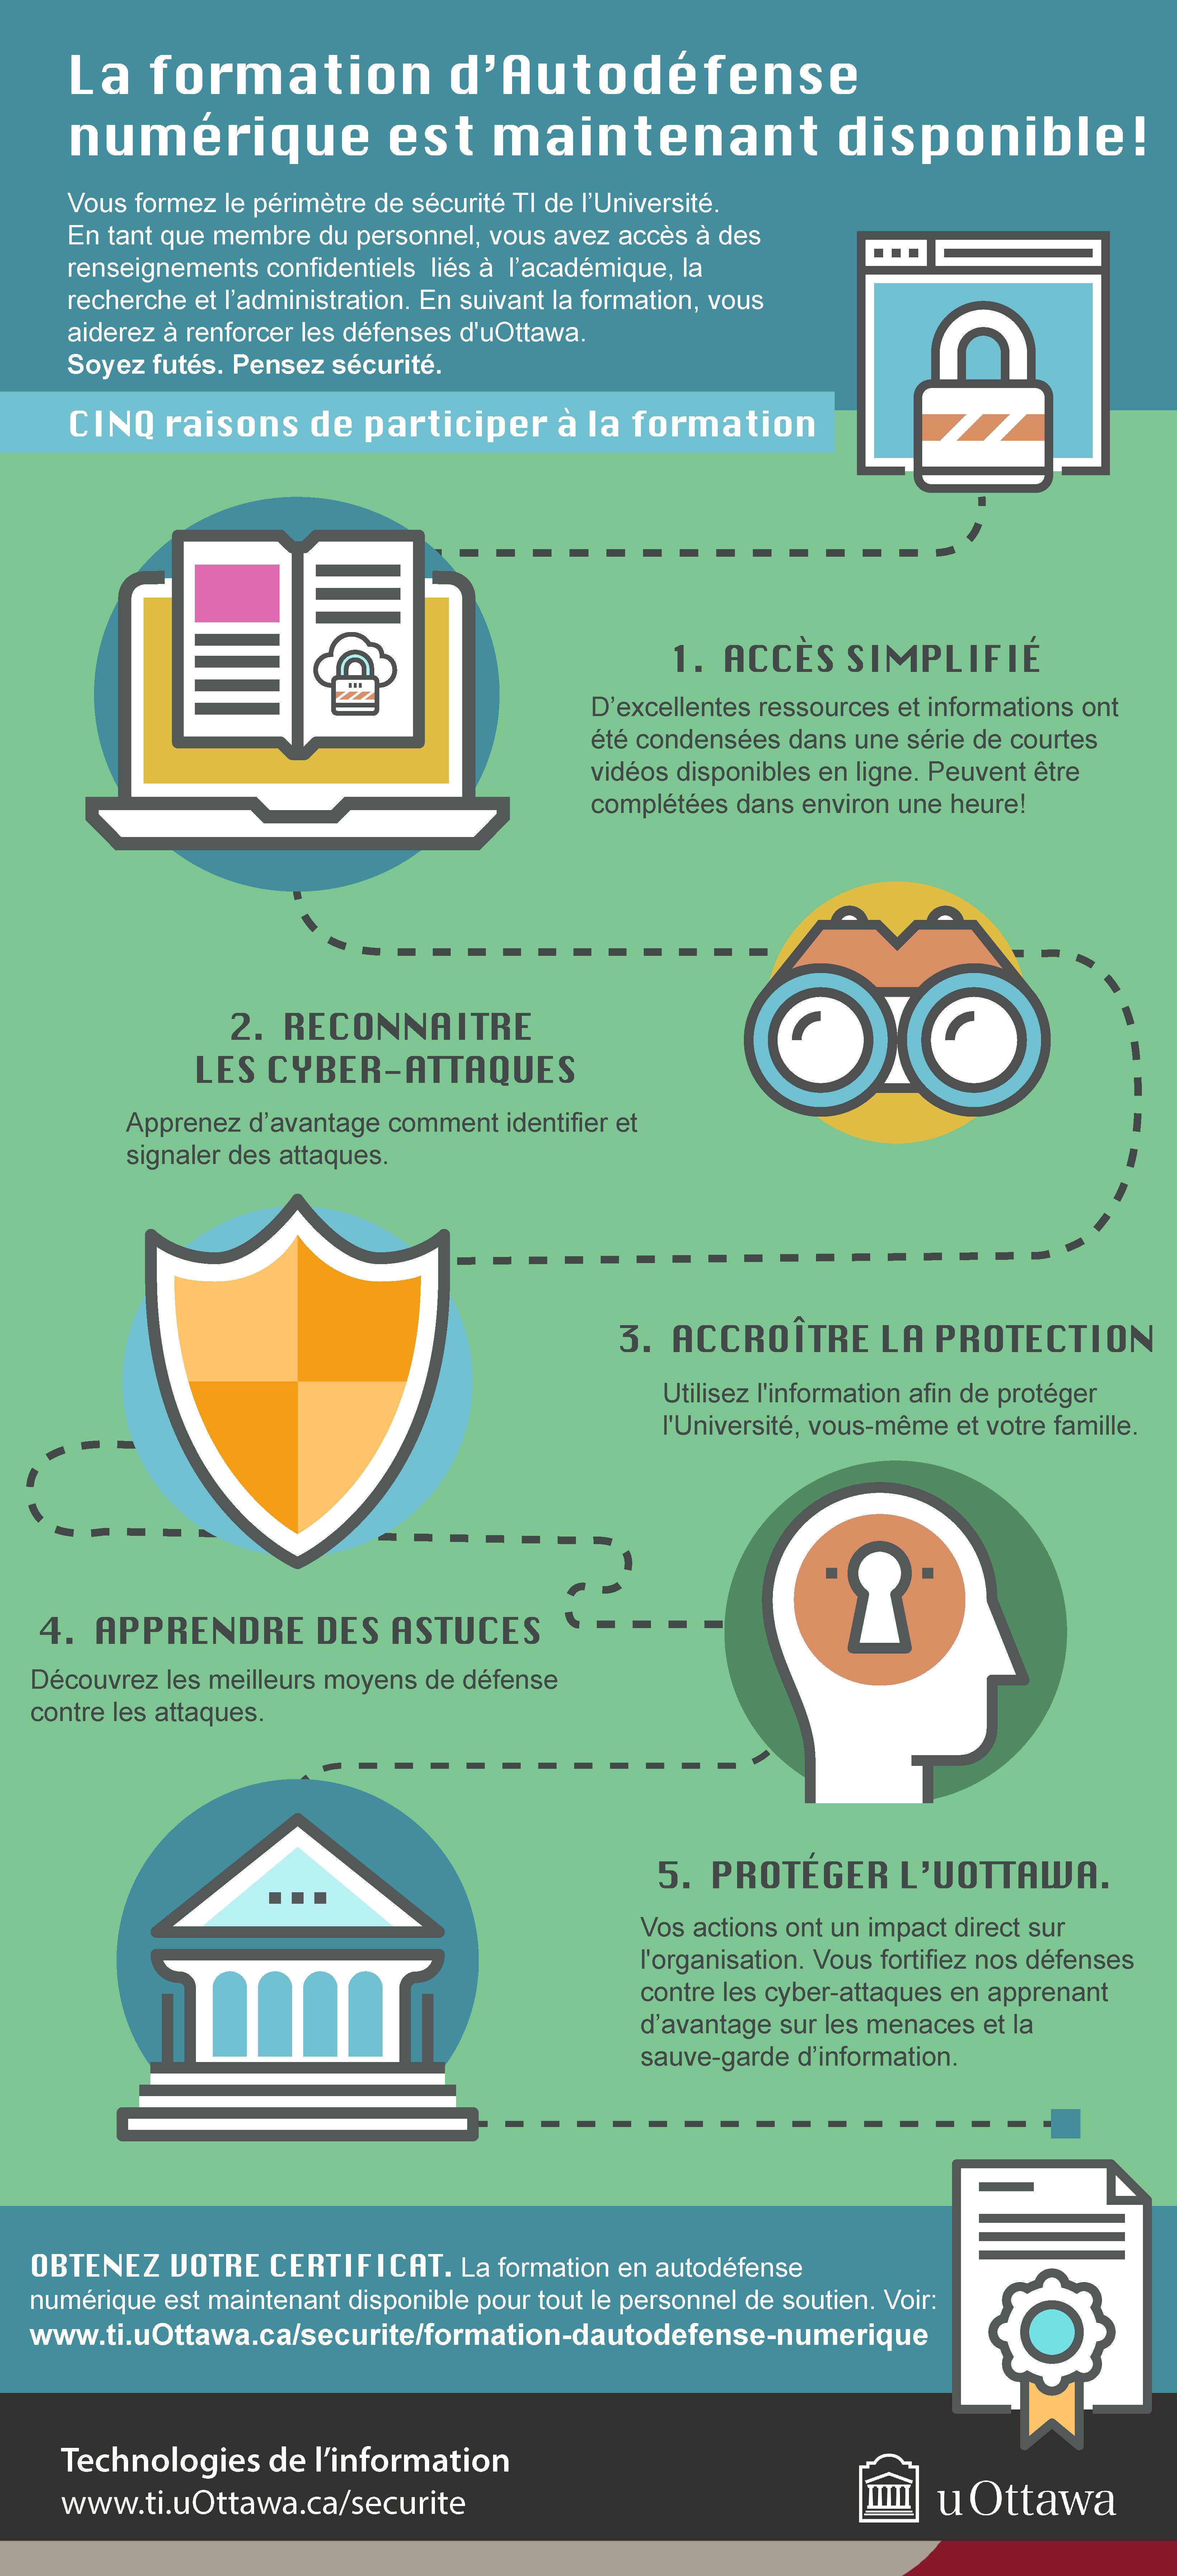 Cinq raisons de participer à la formation d'autodéfense numérique